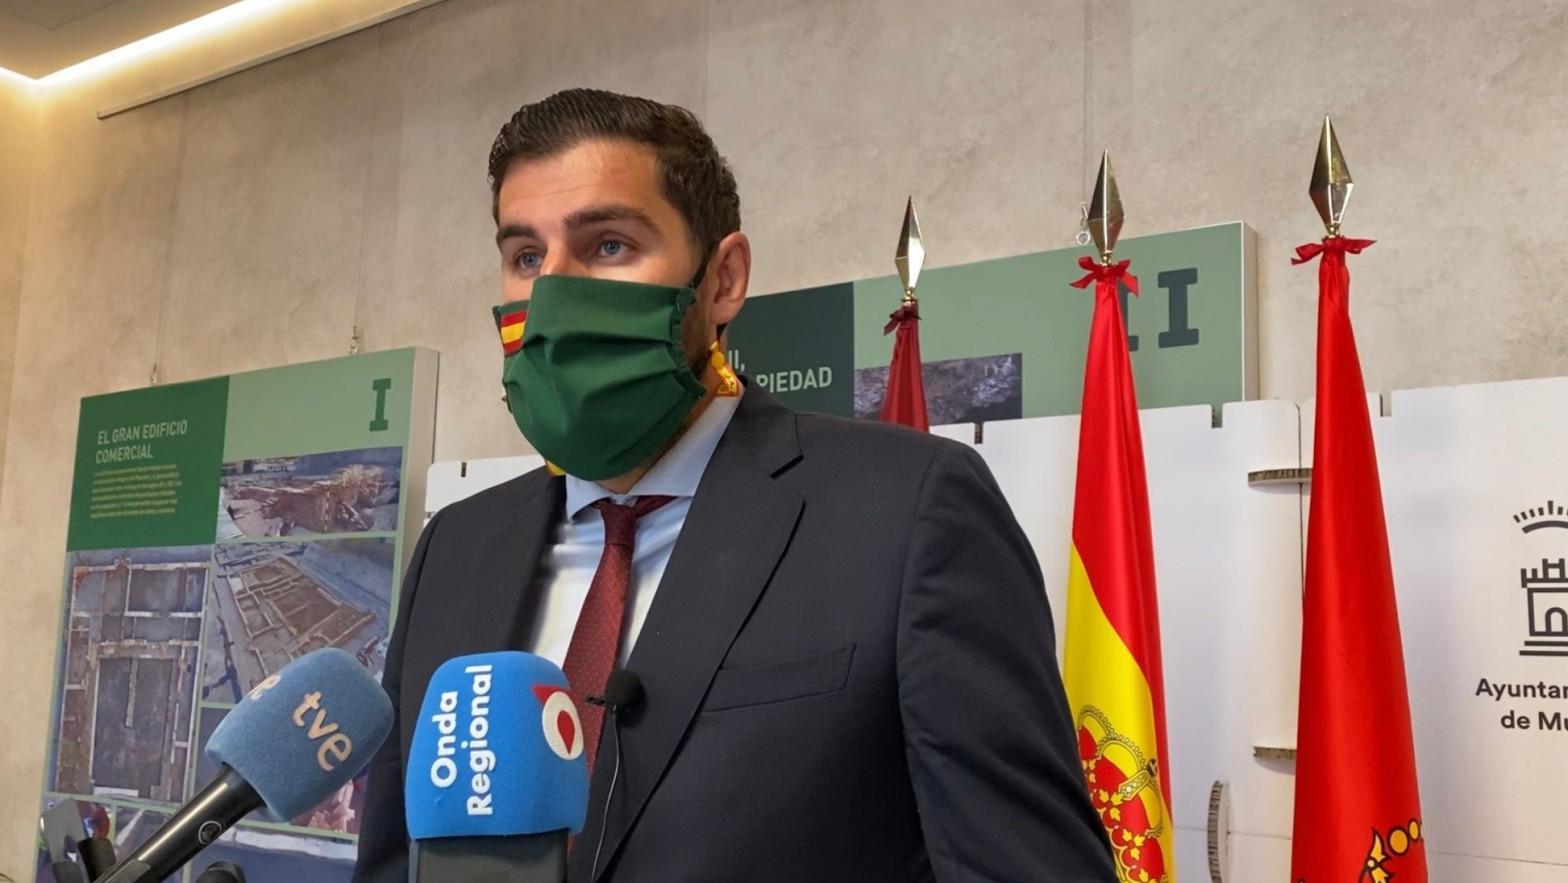 Vox aprueba con PP y Cs en Murcia una moción para que se escuche el himno nacional en las aulas